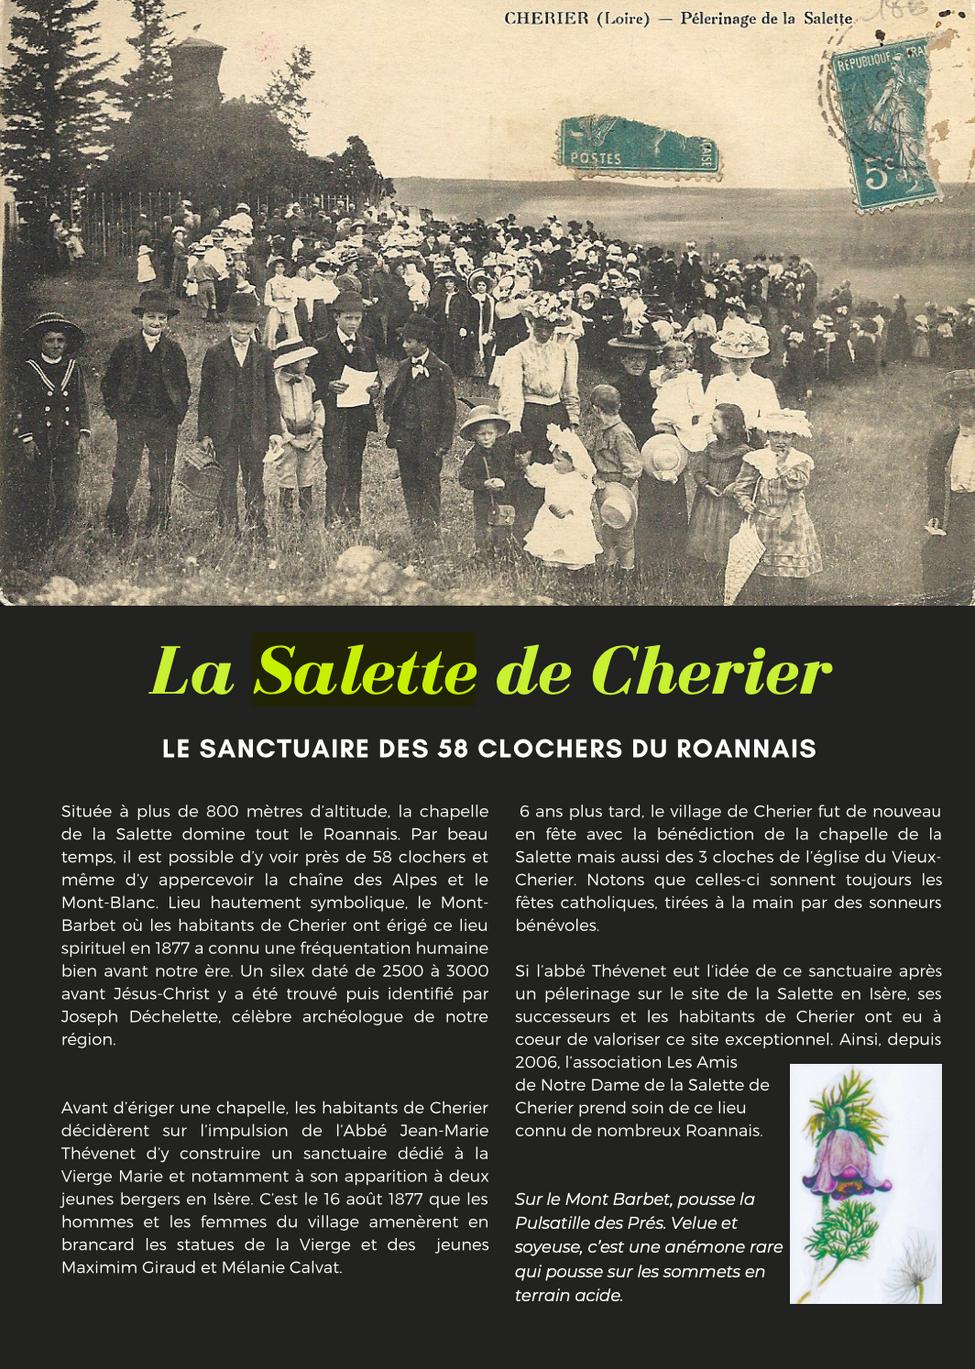 Retour sur les origines de la Salette de Cherier qui surplombe 58 clochers du Roannais